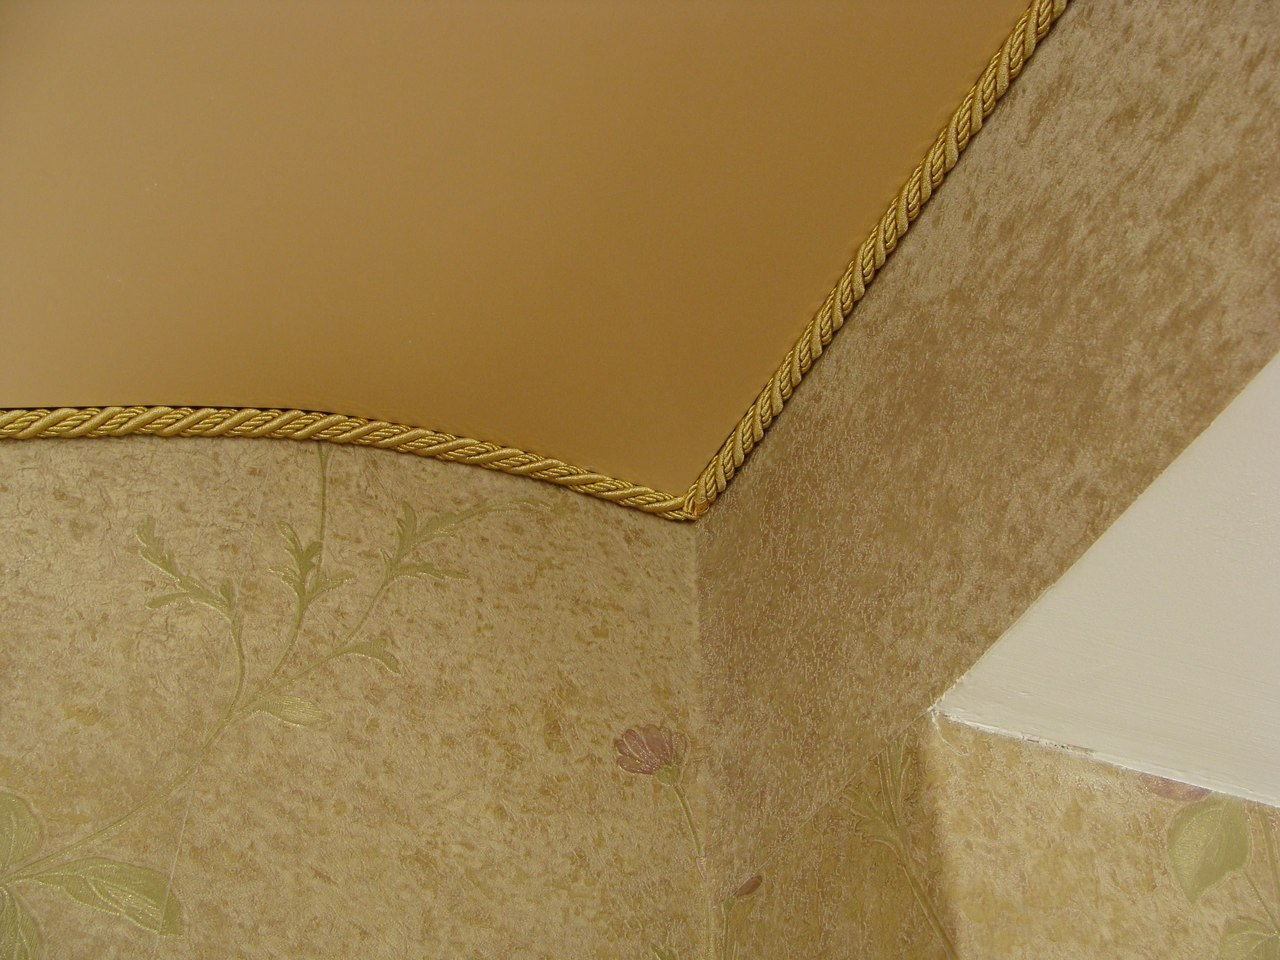 шнур декоративный для натяжных потолков